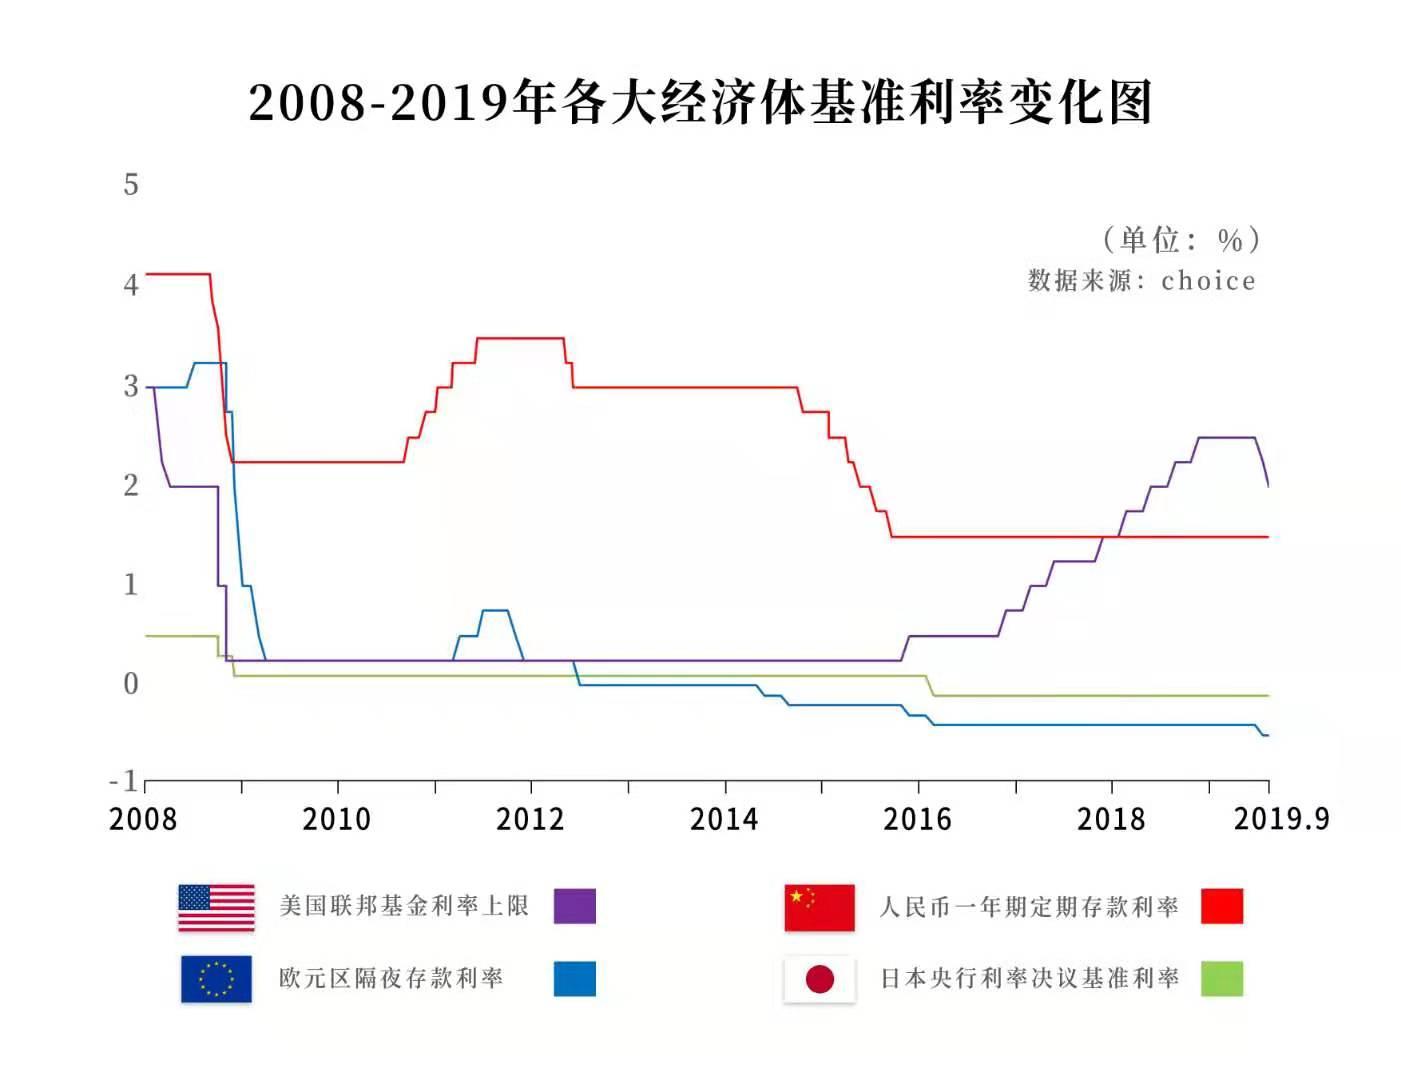 http://www.jiaokaotong.cn/shangxueyuan/216392.html